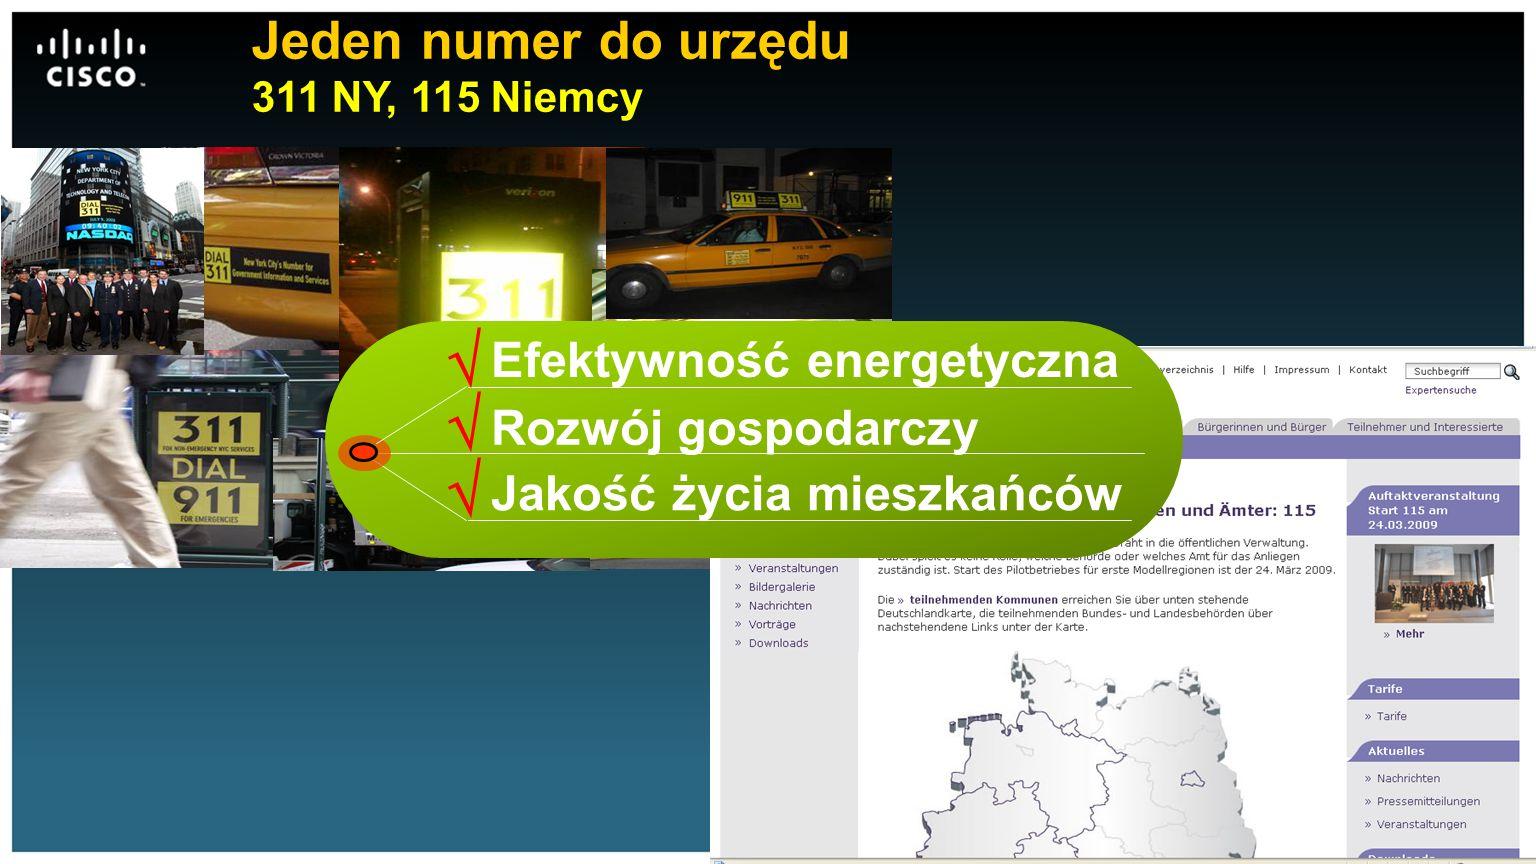 Jeden numer do urzędu 311 NY, 115 Niemcy Rozwój gospodarczy Jakość życia mieszkańców Efektywność energetyczna   